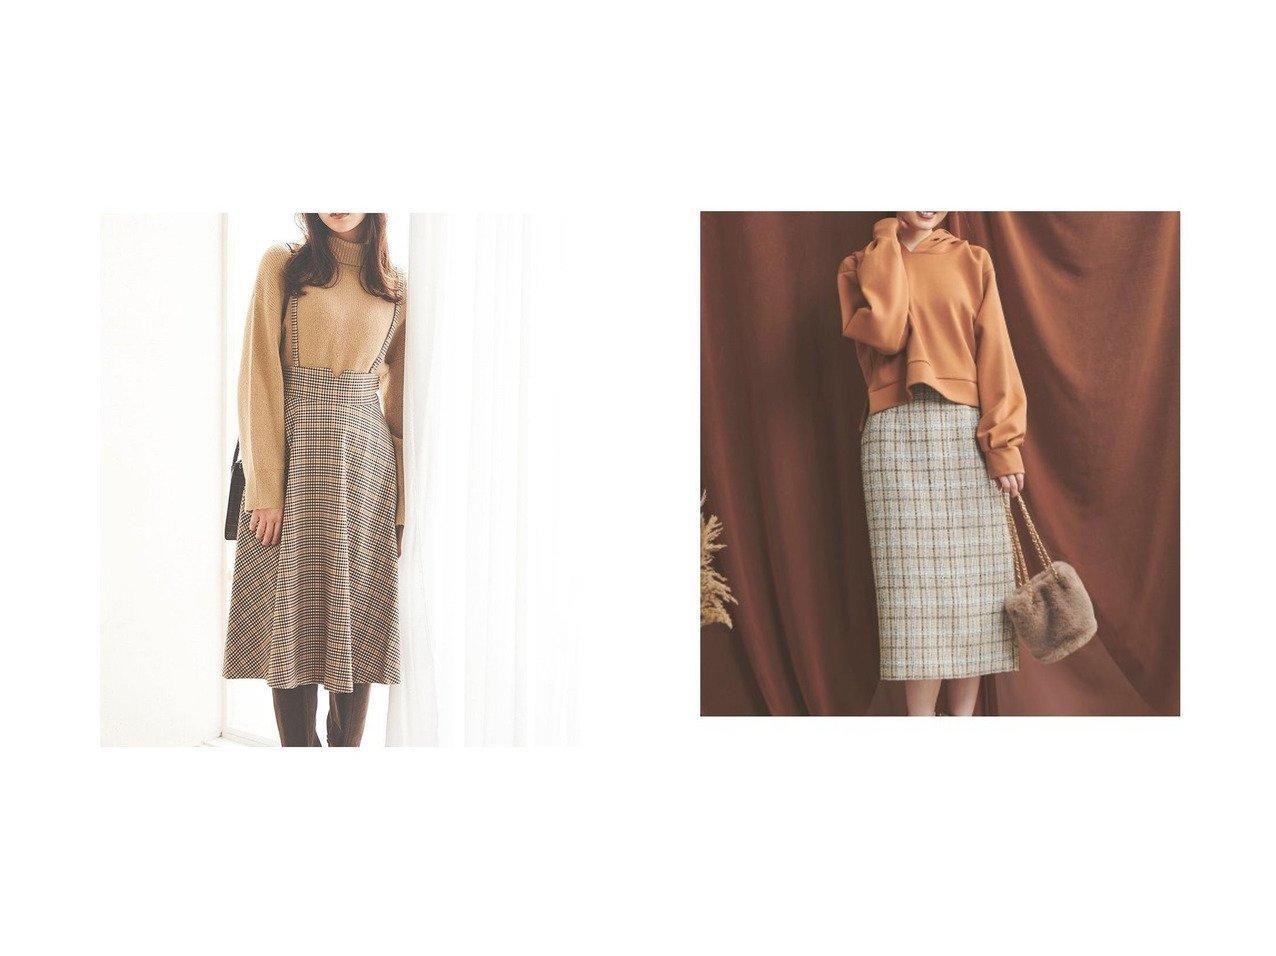 【31 Sons de mode/トランテアン ソン ドゥ モード】の【スカート】サス付きチェックフレアスカート&【Noela/ノエラ】のツイードタイトスカート スカートのおすすめ!人気、レディースファッションの通販 おすすめで人気のファッション通販商品 インテリア・家具・キッズファッション・メンズファッション・レディースファッション・服の通販 founy(ファニー) https://founy.com/ ファッション Fashion レディース WOMEN スカート Skirt Aライン/フレアスカート Flared A-Line Skirts アクセサリー イヤーカフ 秋 カットソー サスペンダー シューズ ショート タートルネック チェック トレーナー ネックレス ハイネック フェミニン 冬 Winter 秋冬 A/W Autumn/ Winter アクリル タイトスカート ツィード |ID:crp329100000001513